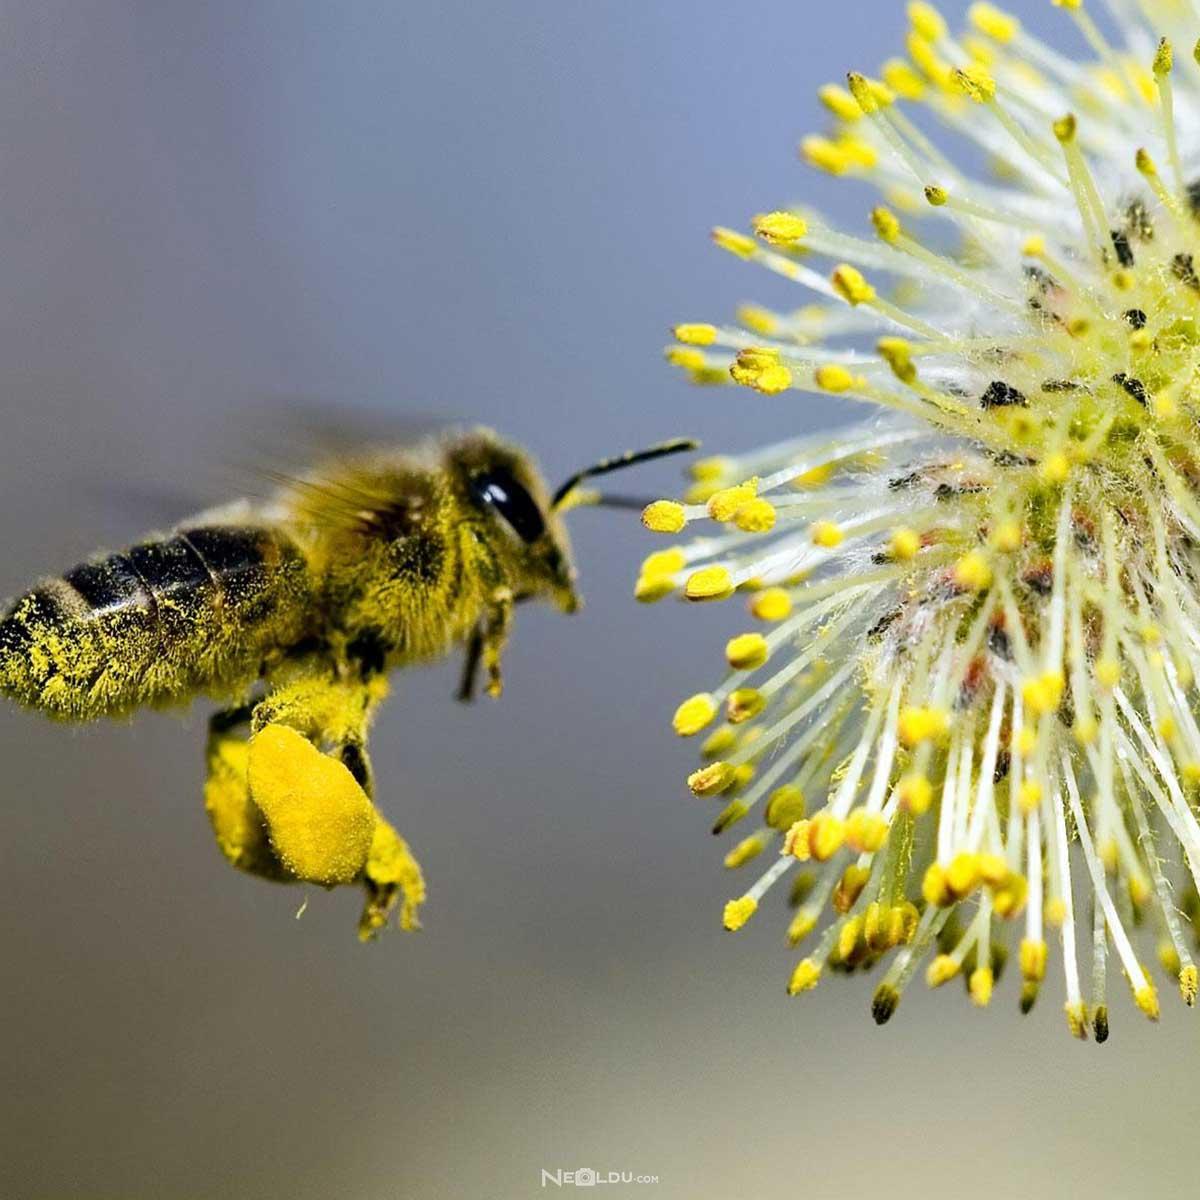 polen-nasil-kullanilmalidir.jpg